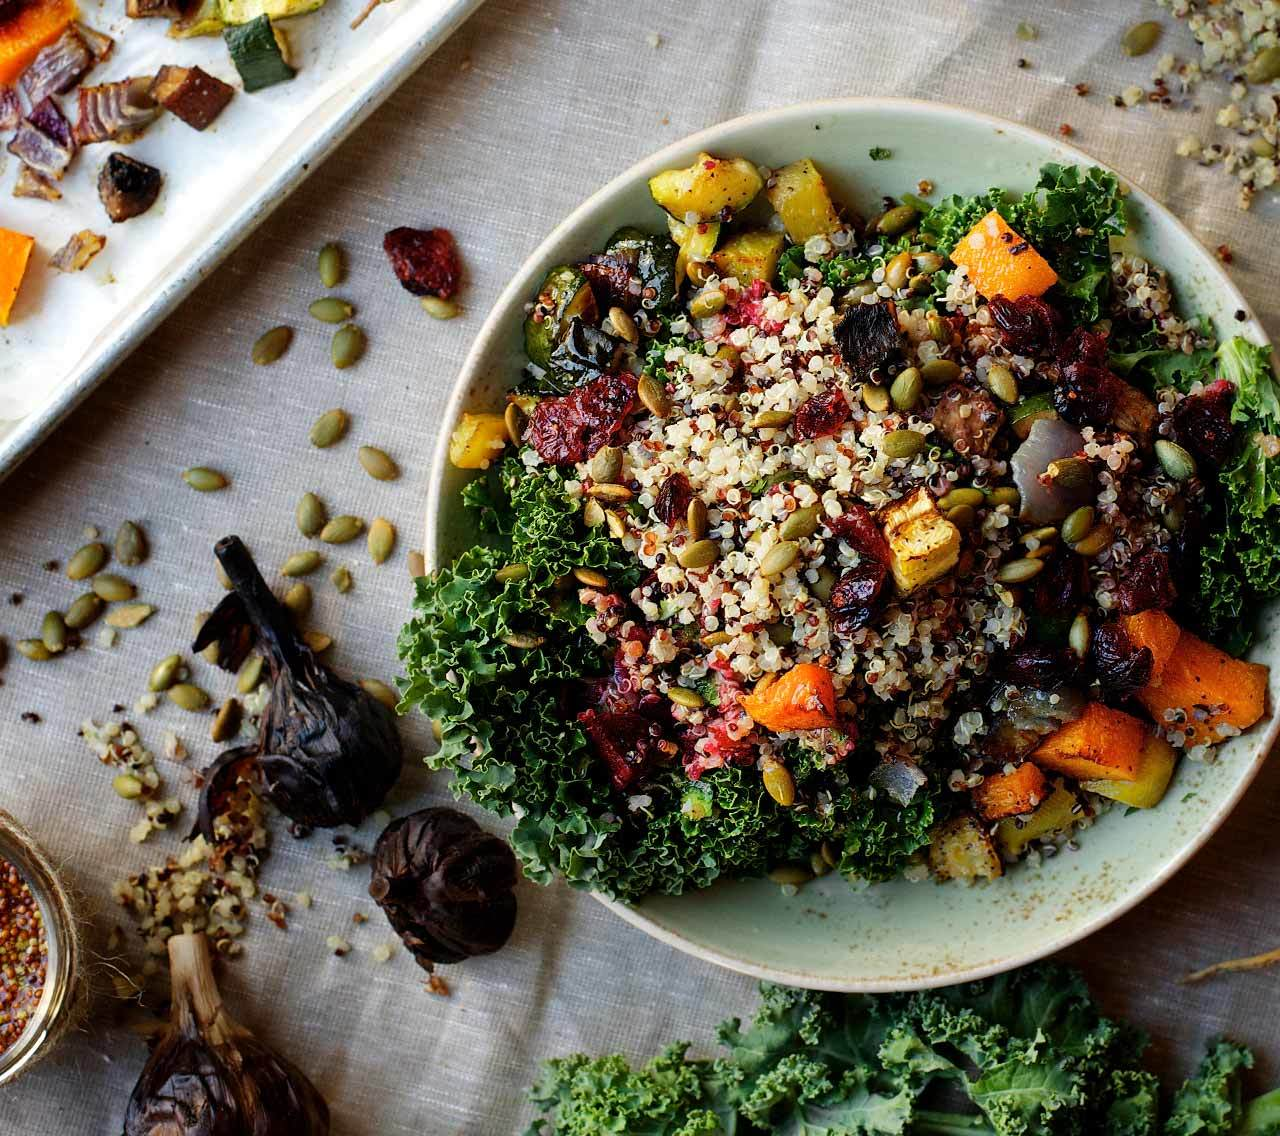 Salade-Repas aux Légumes Grillés et au Quinoa Parfumé à la Lime Kaffir, Vinaigrette à l'Ail Noir